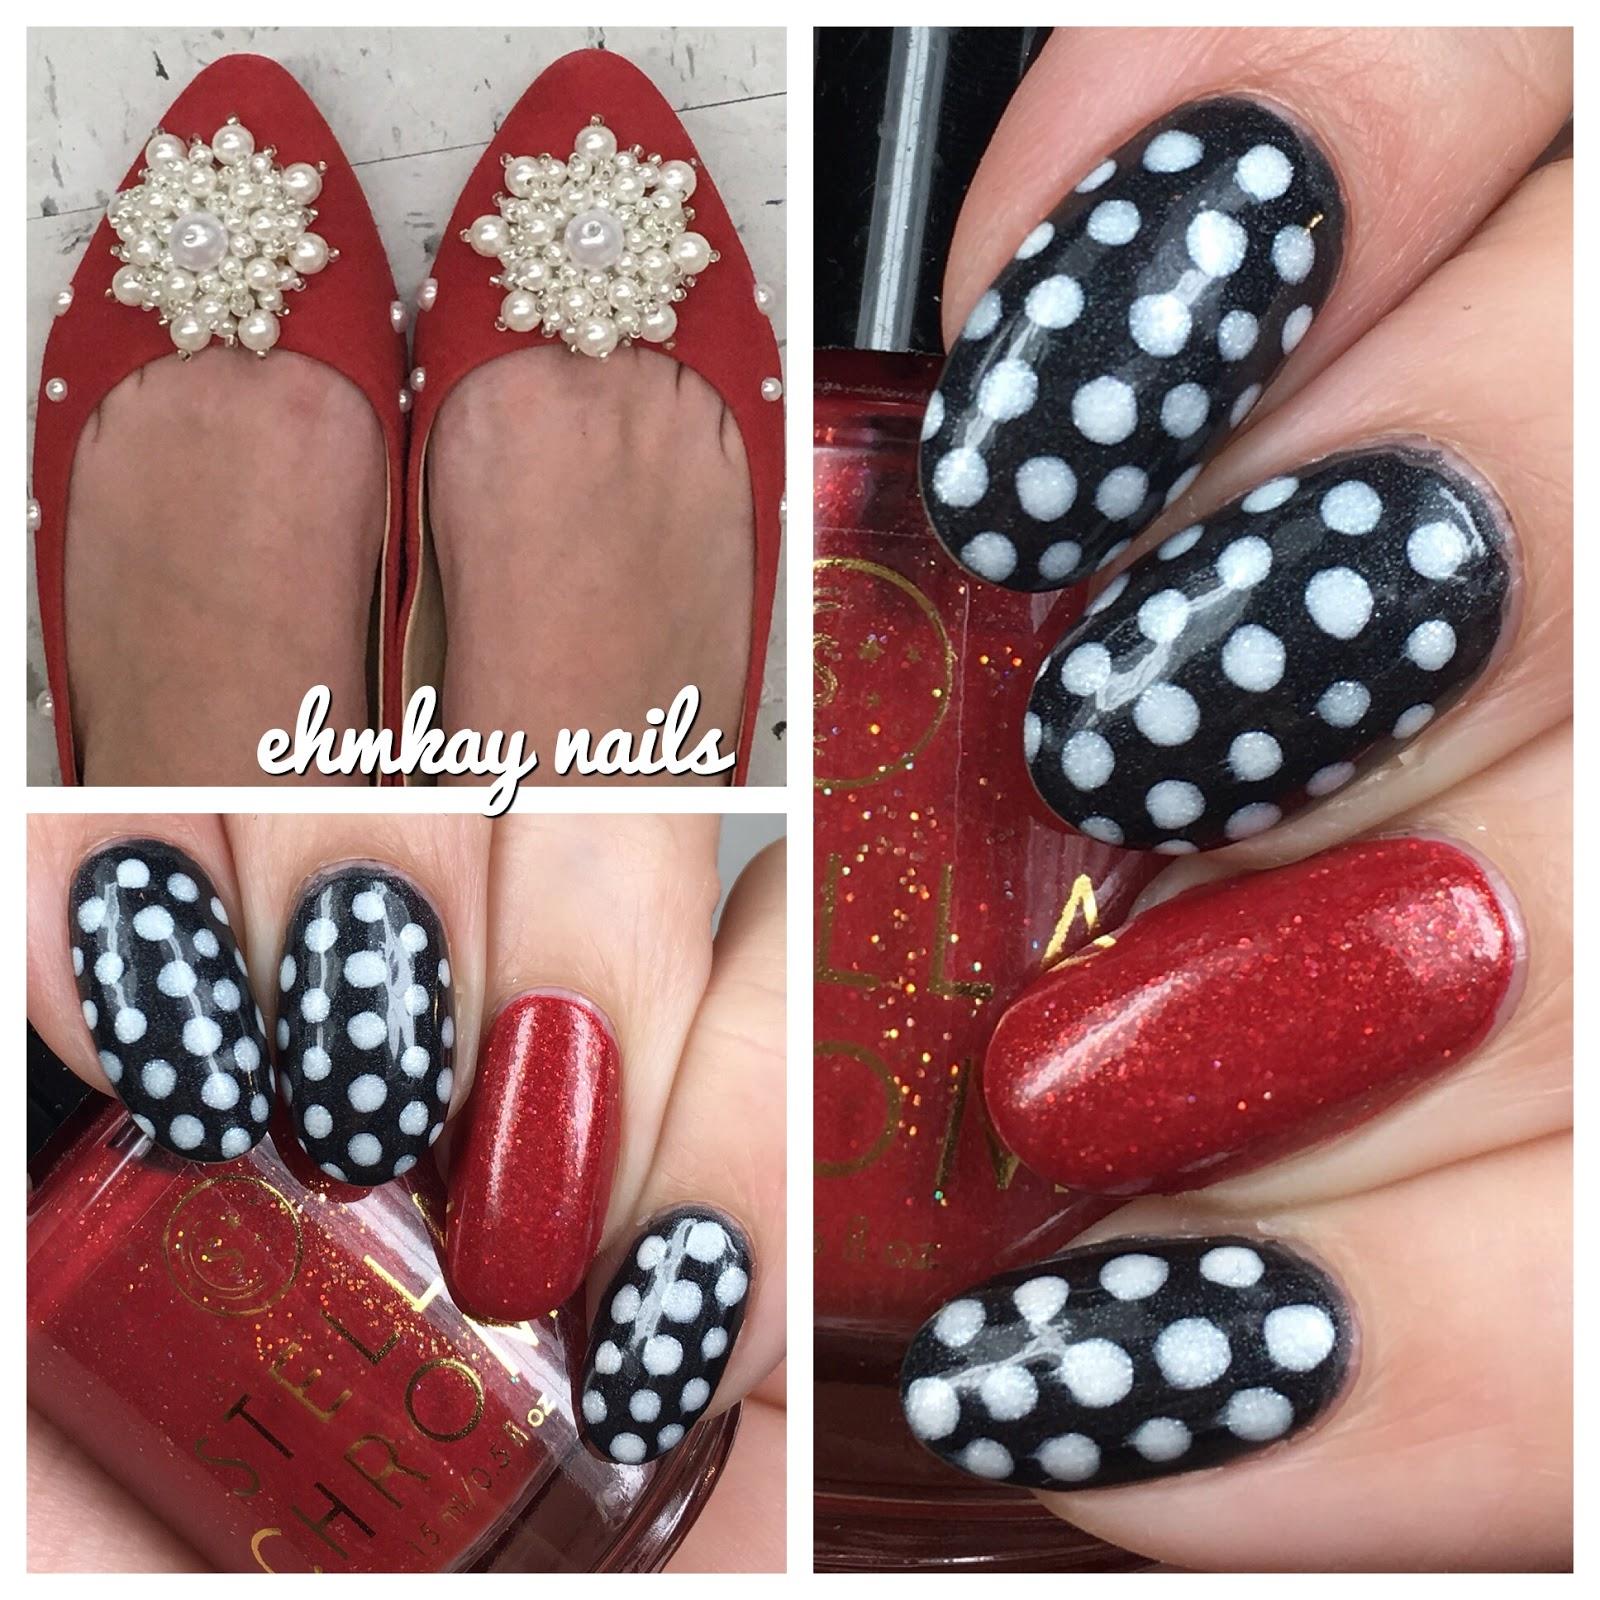 ehmkay nails: Matching My Outfit: Polka Dot Nail Art